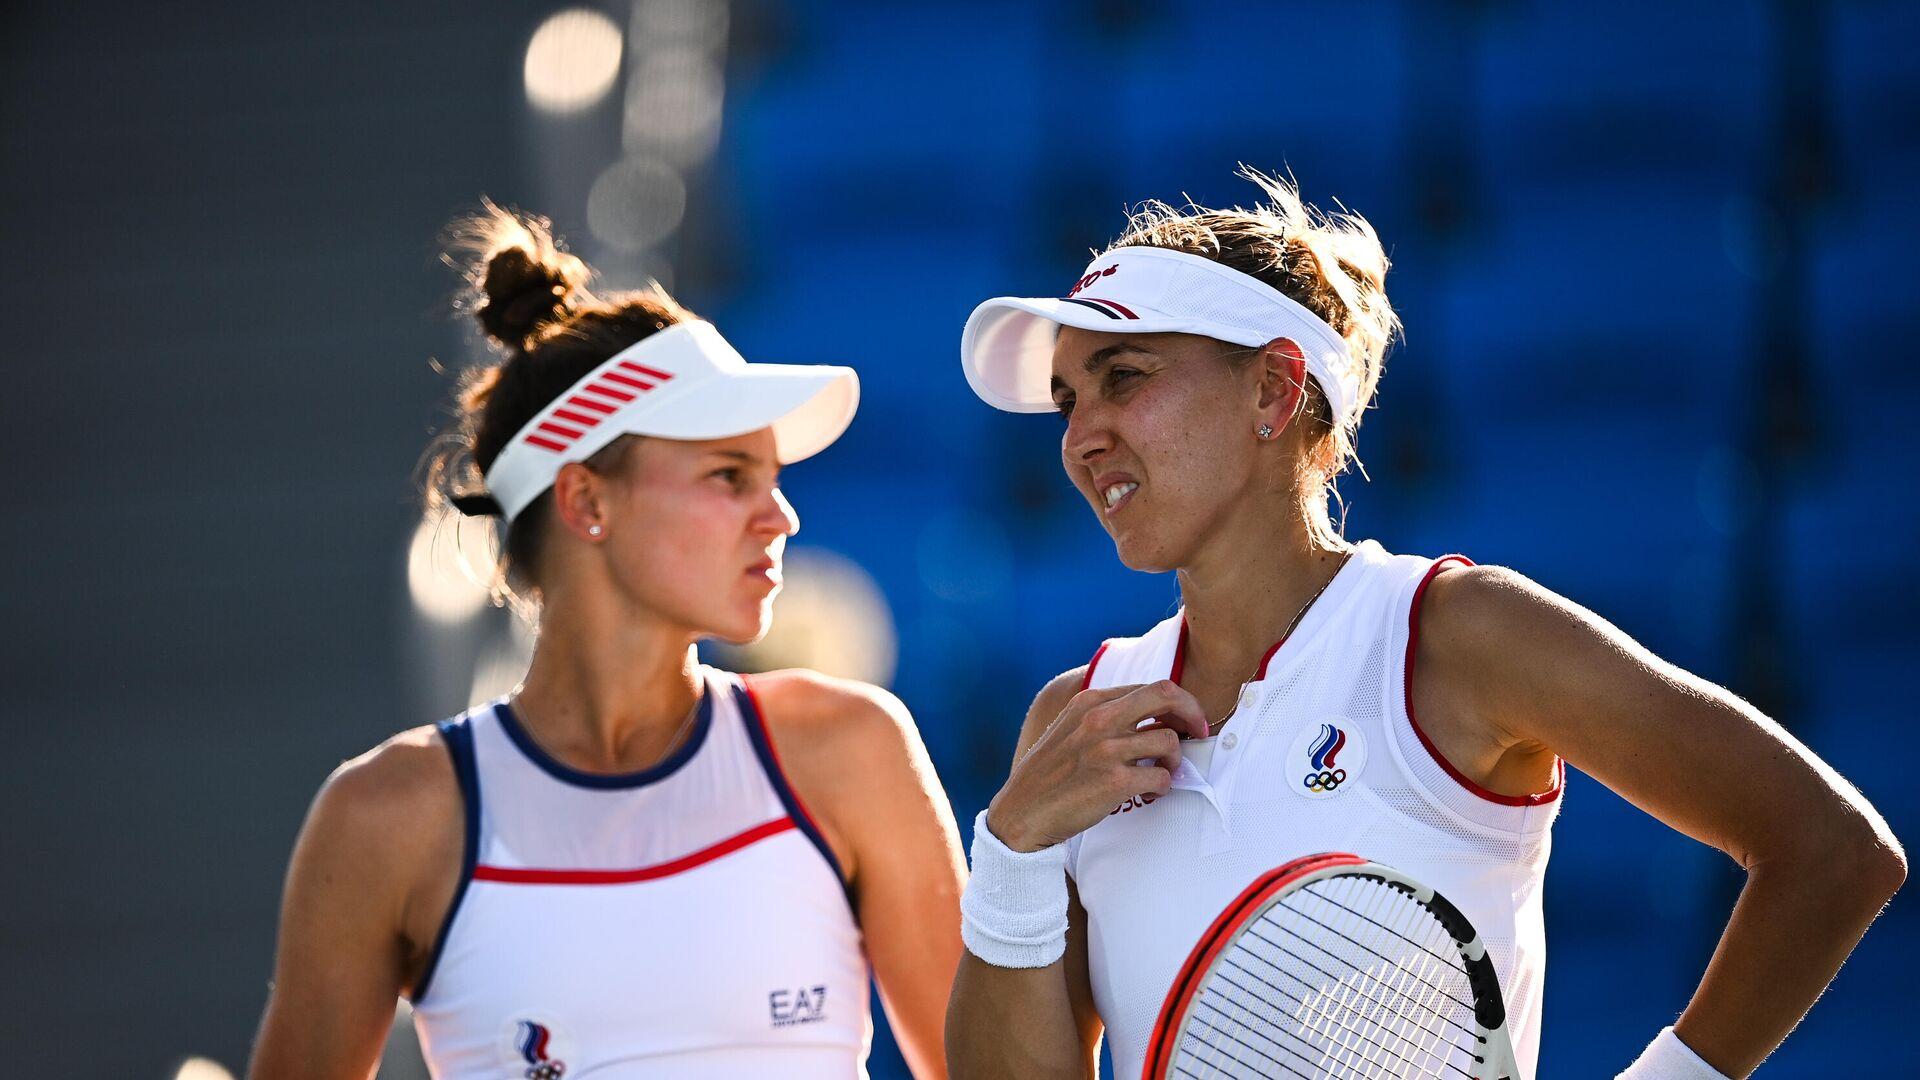 Ruske teniserke Veronika Kudermetova i Elena Vesnina - Sputnik Srbija, 1920, 31.07.2021